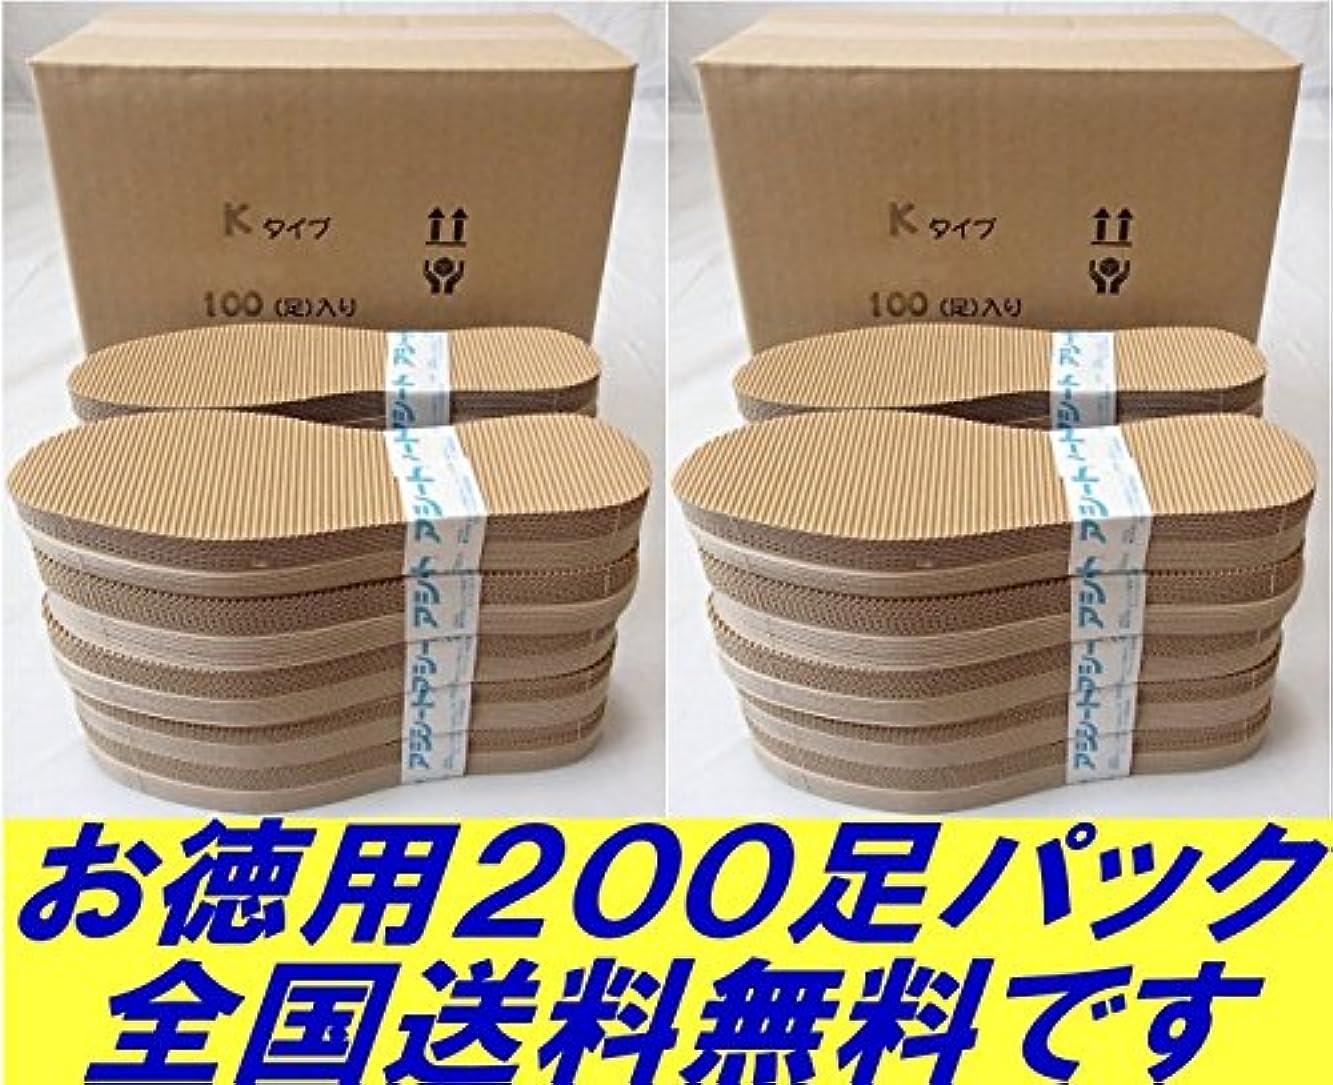 前提にんじんオセアニアアシートKタイプお得用パック200足入り (22.5~23.0cm)